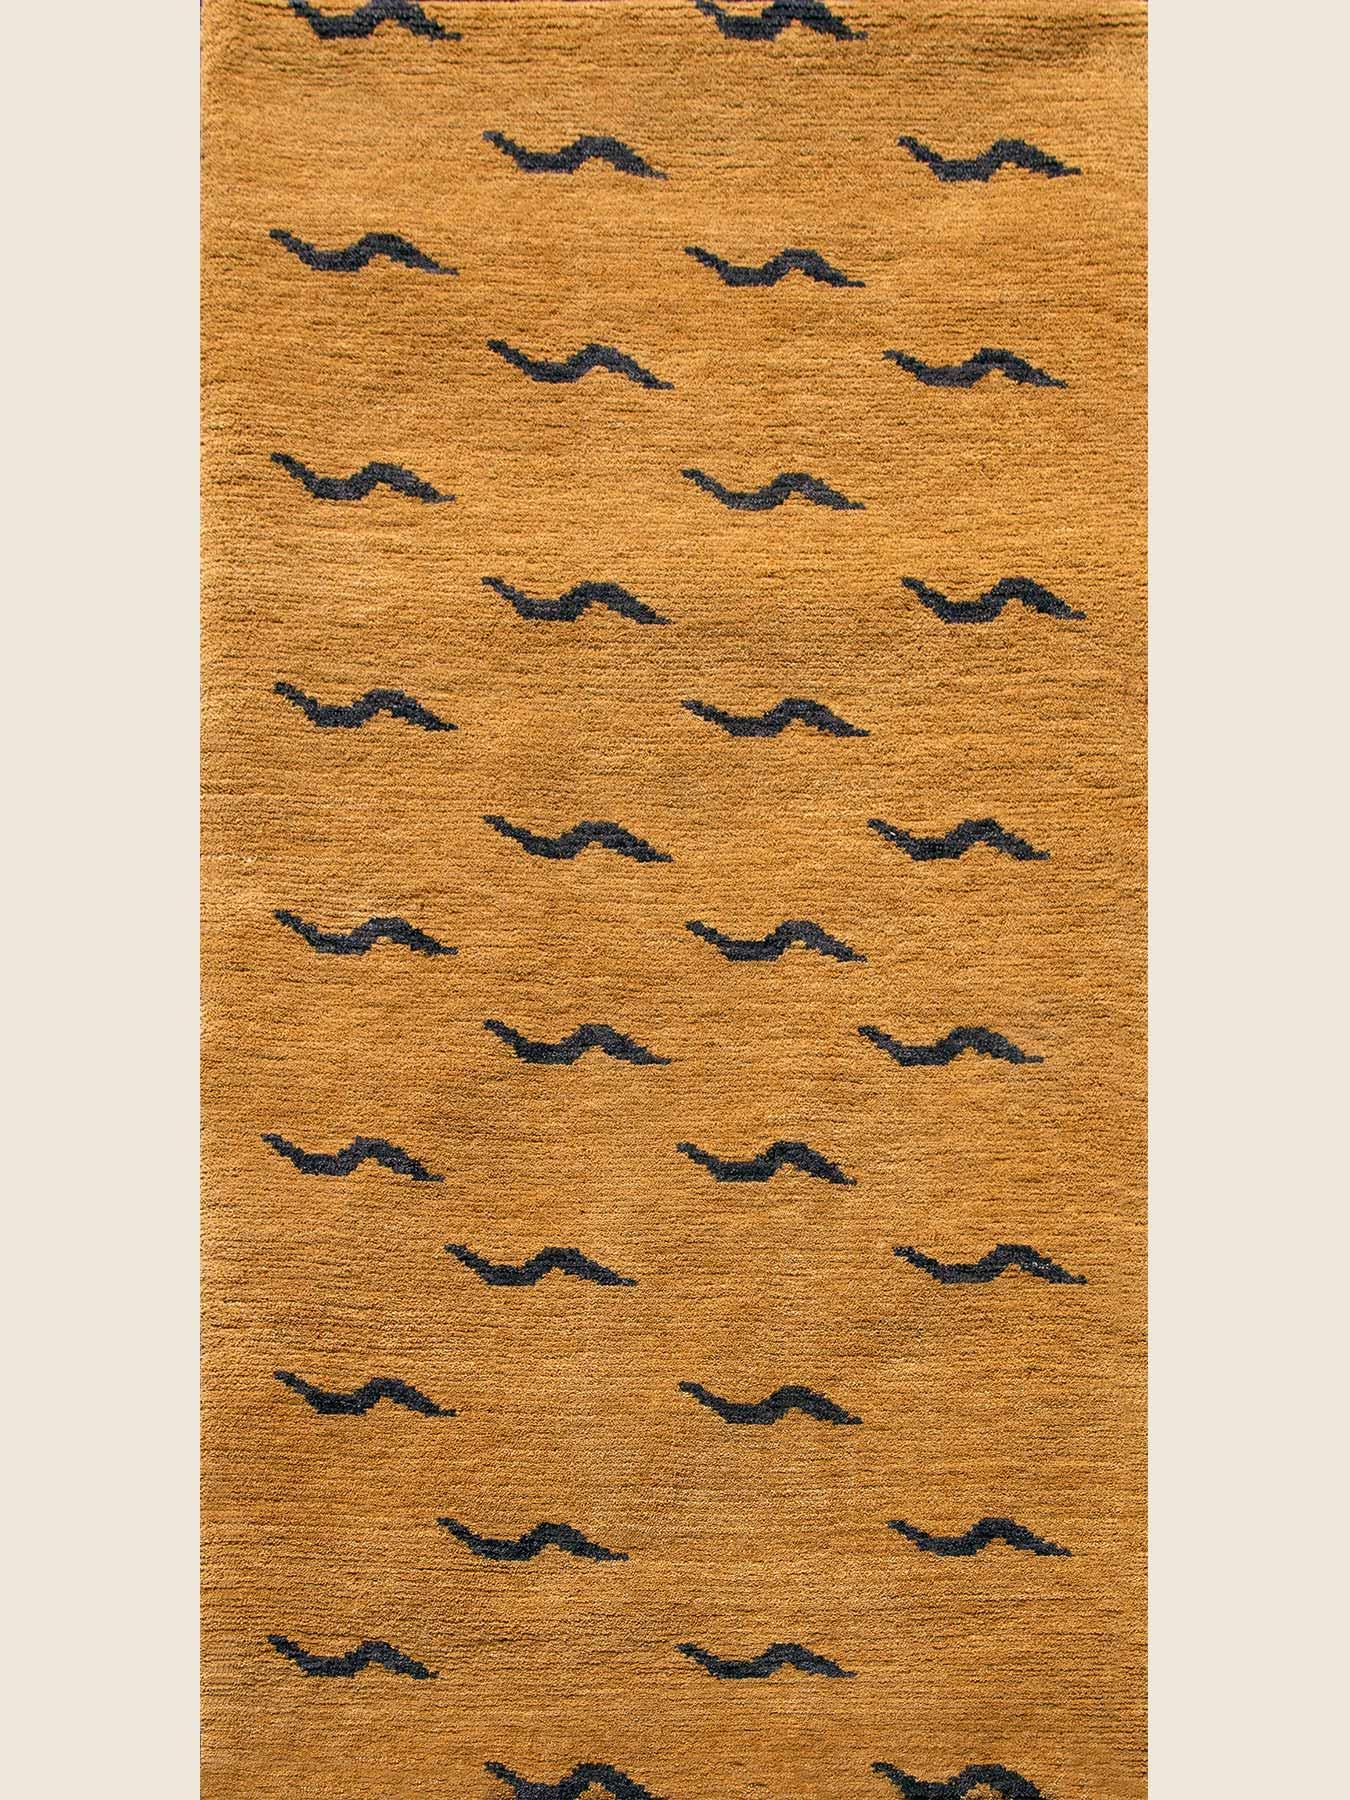 tiger head pattern zt-05